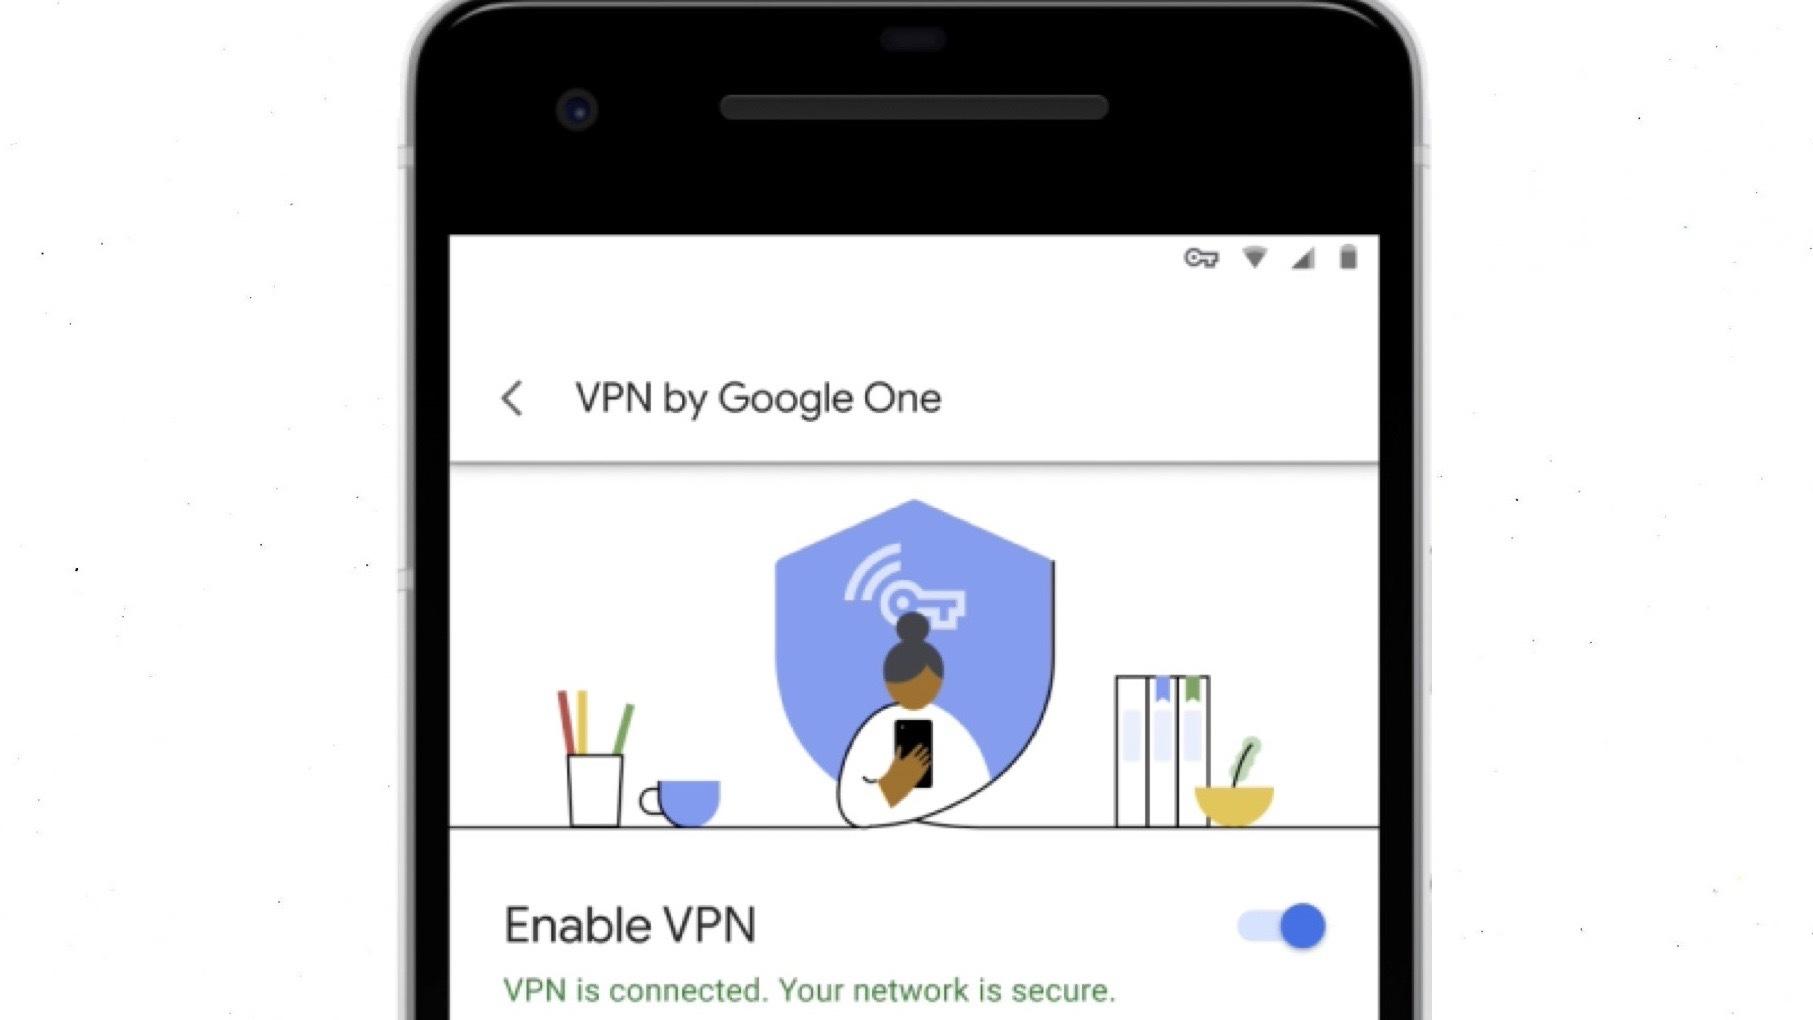 جوجل تطرح برمجية VPN خاصة بها للإستخدام